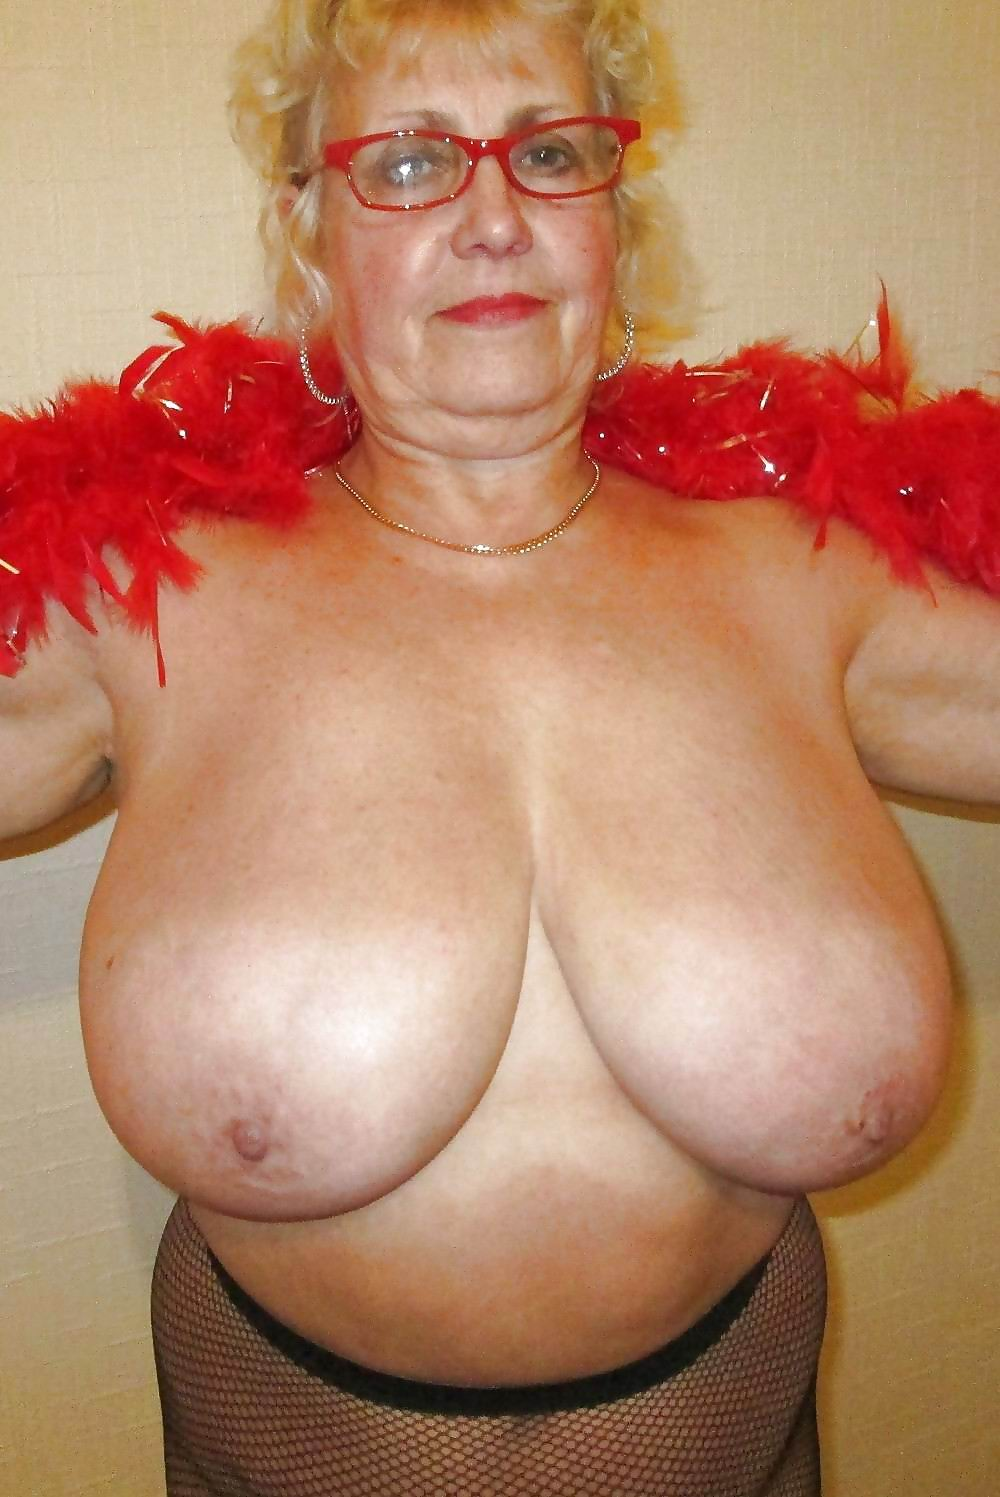 Abuelas Tetas Porno abuelas desnudas con tetas grandes | fotos porno xxx